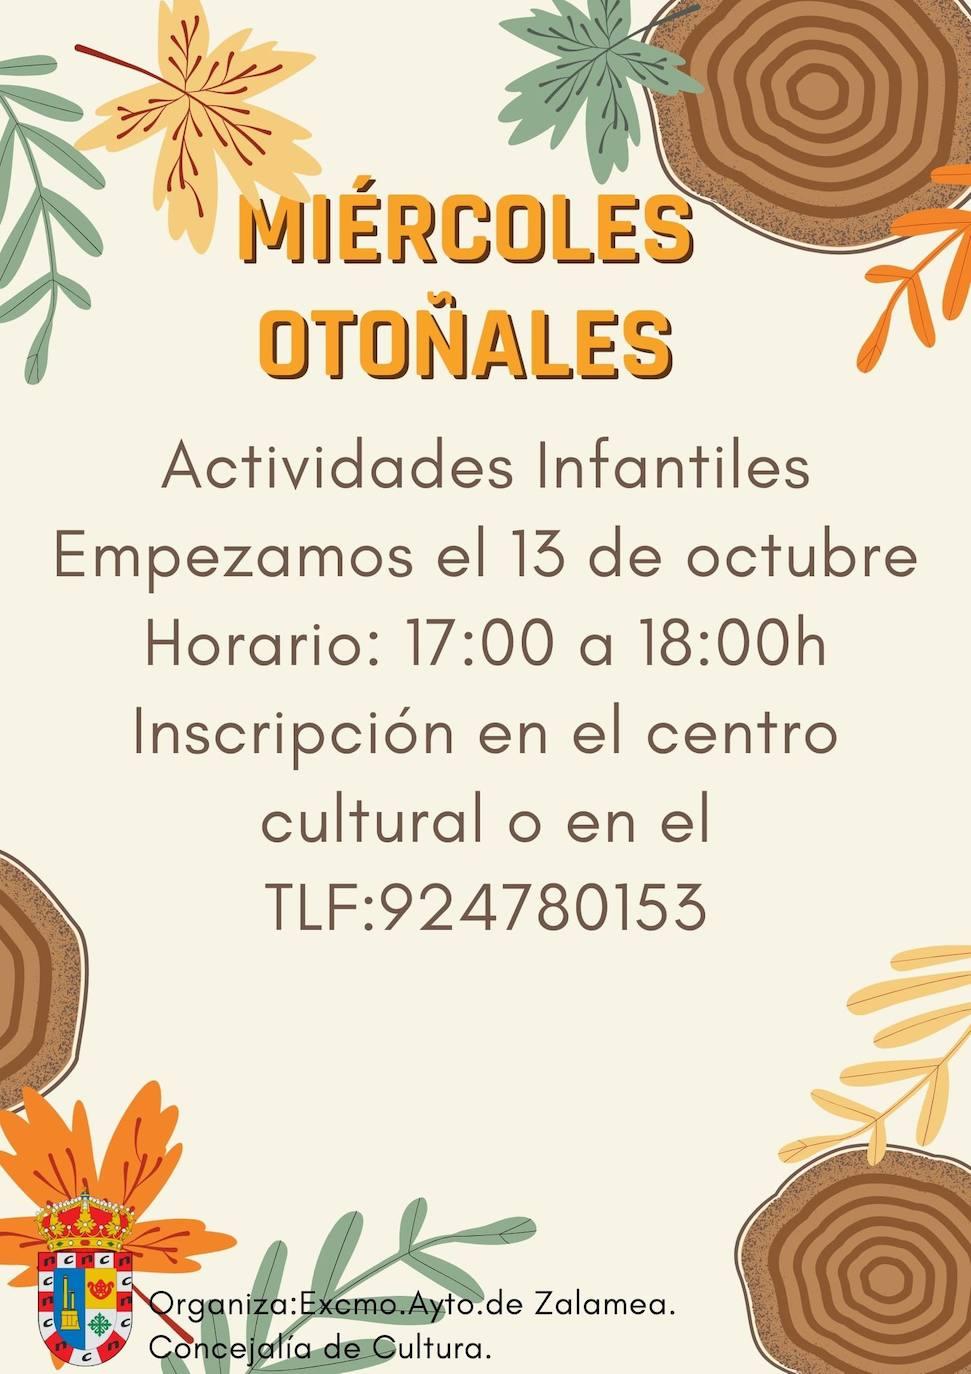 El Centro Cultural acoge la actividad infantil 'Los miércoles otoñales'